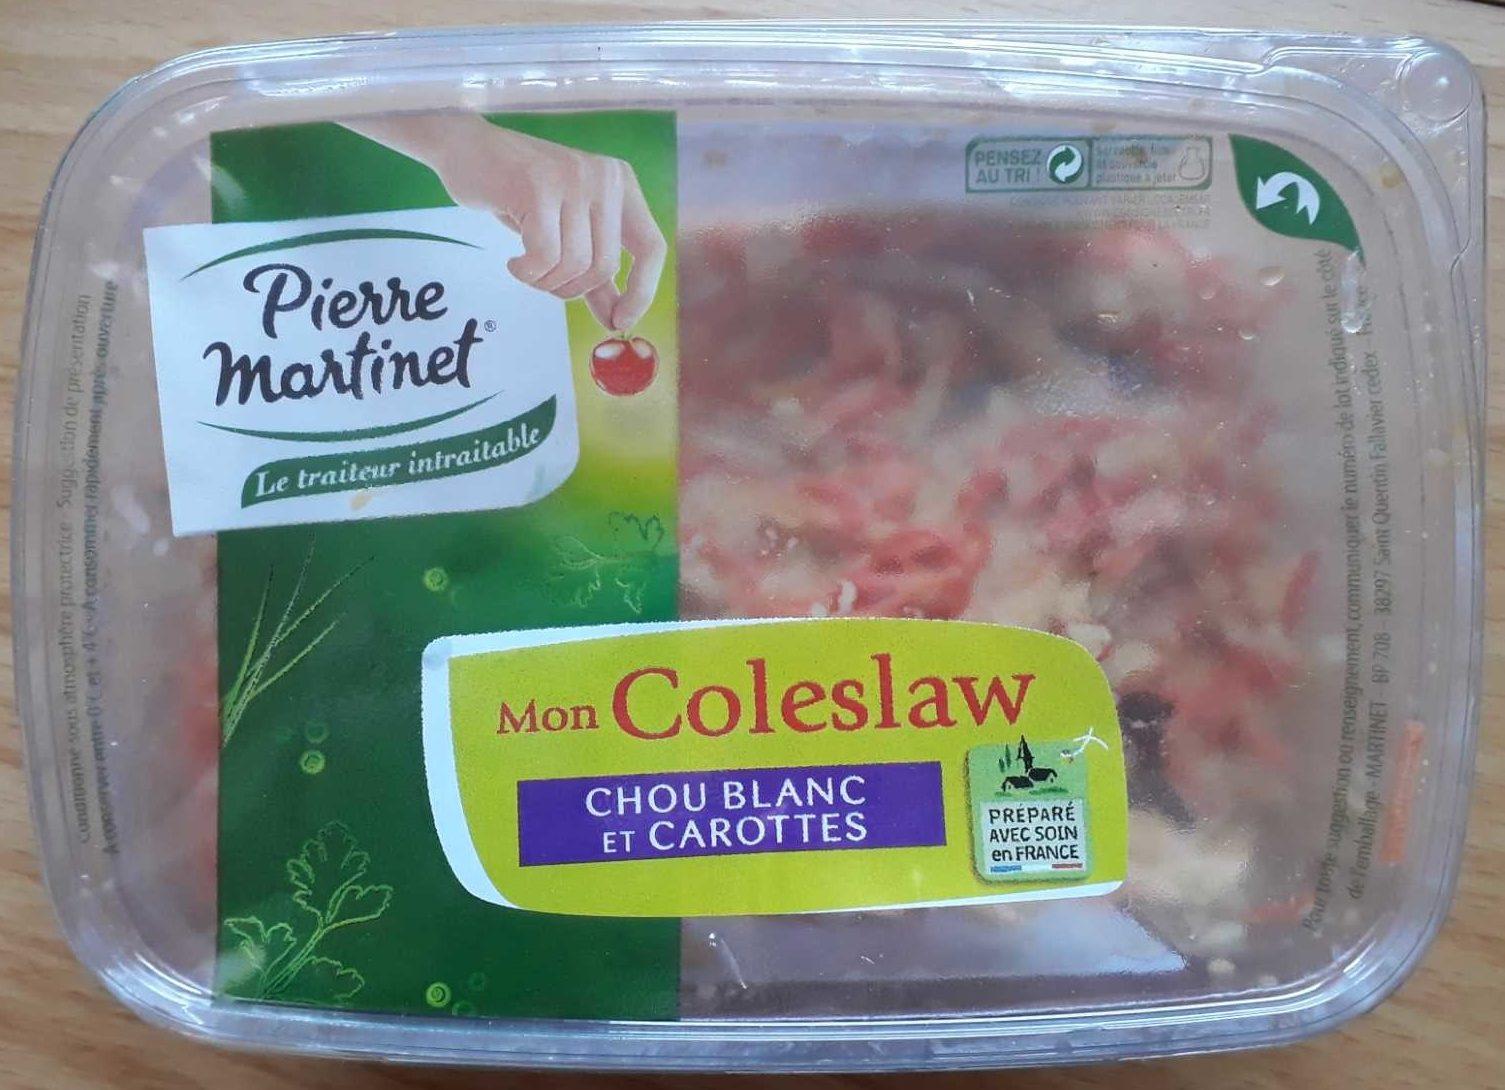 Chou blanc et carottes - Mon Coleslaw - Product - fr